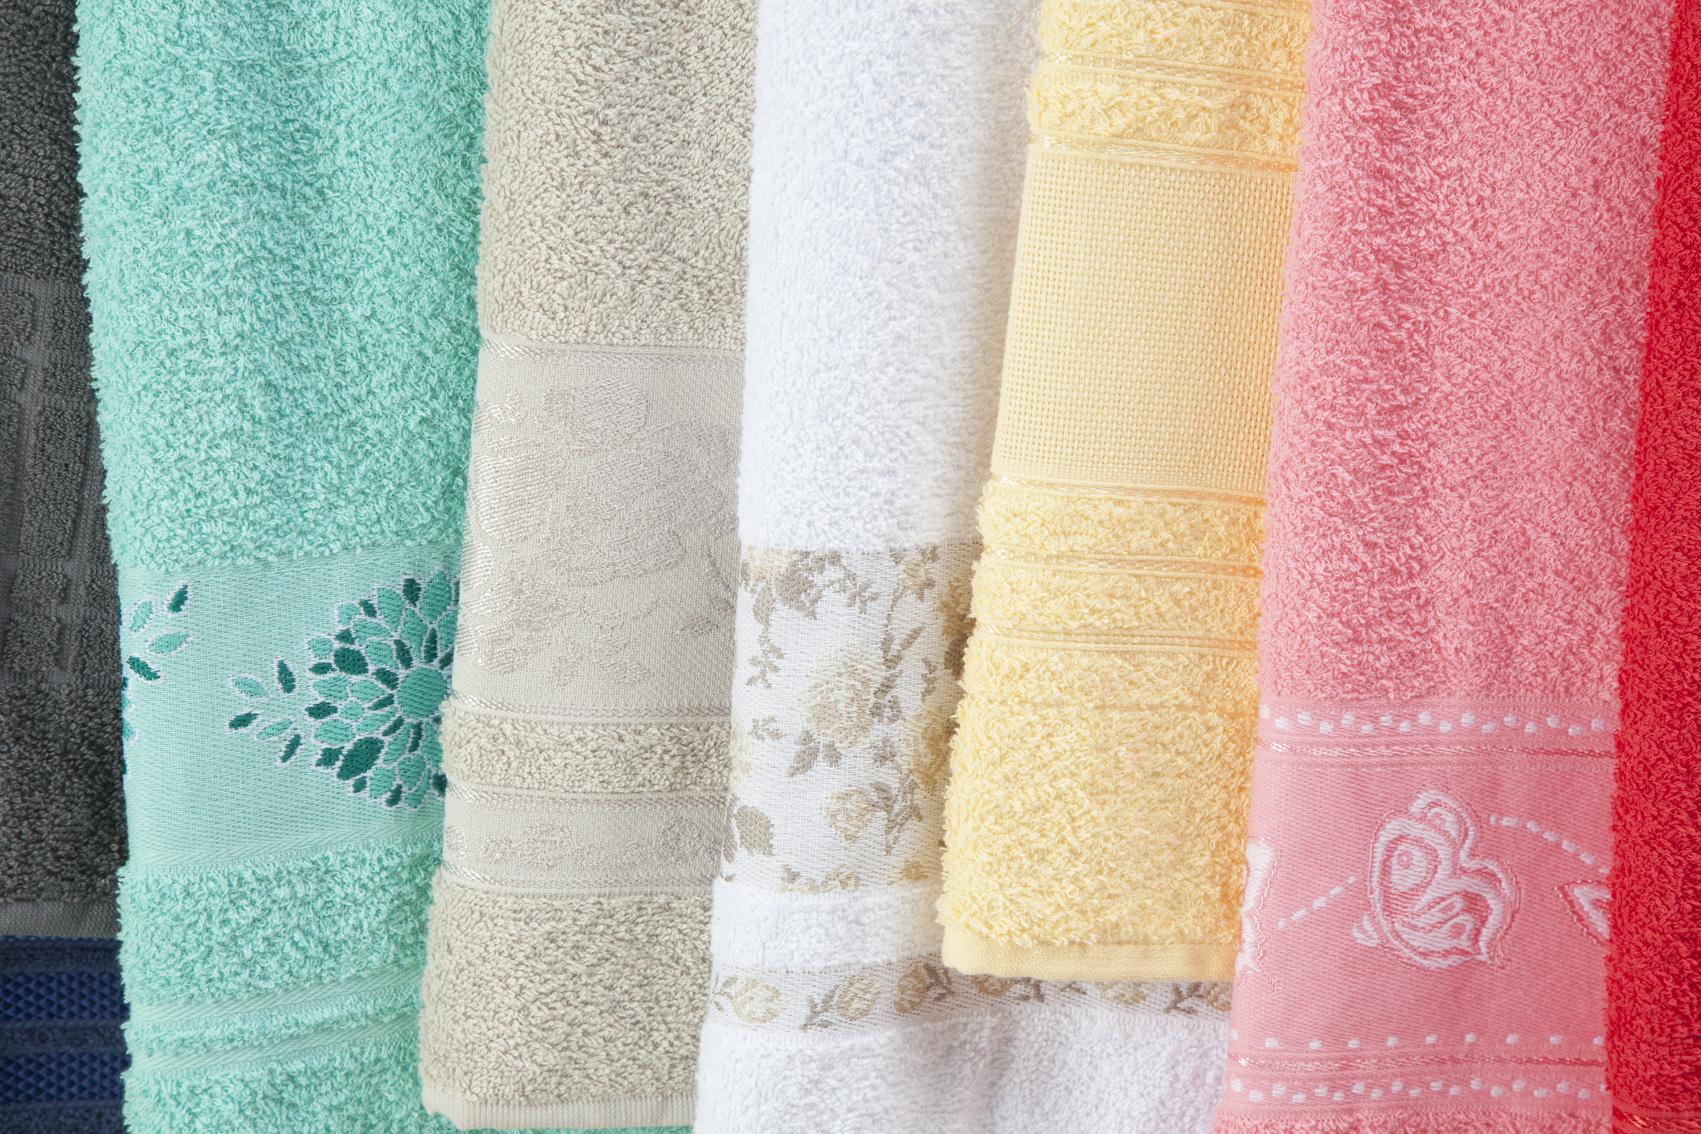 Como lavar toalhas corretamente